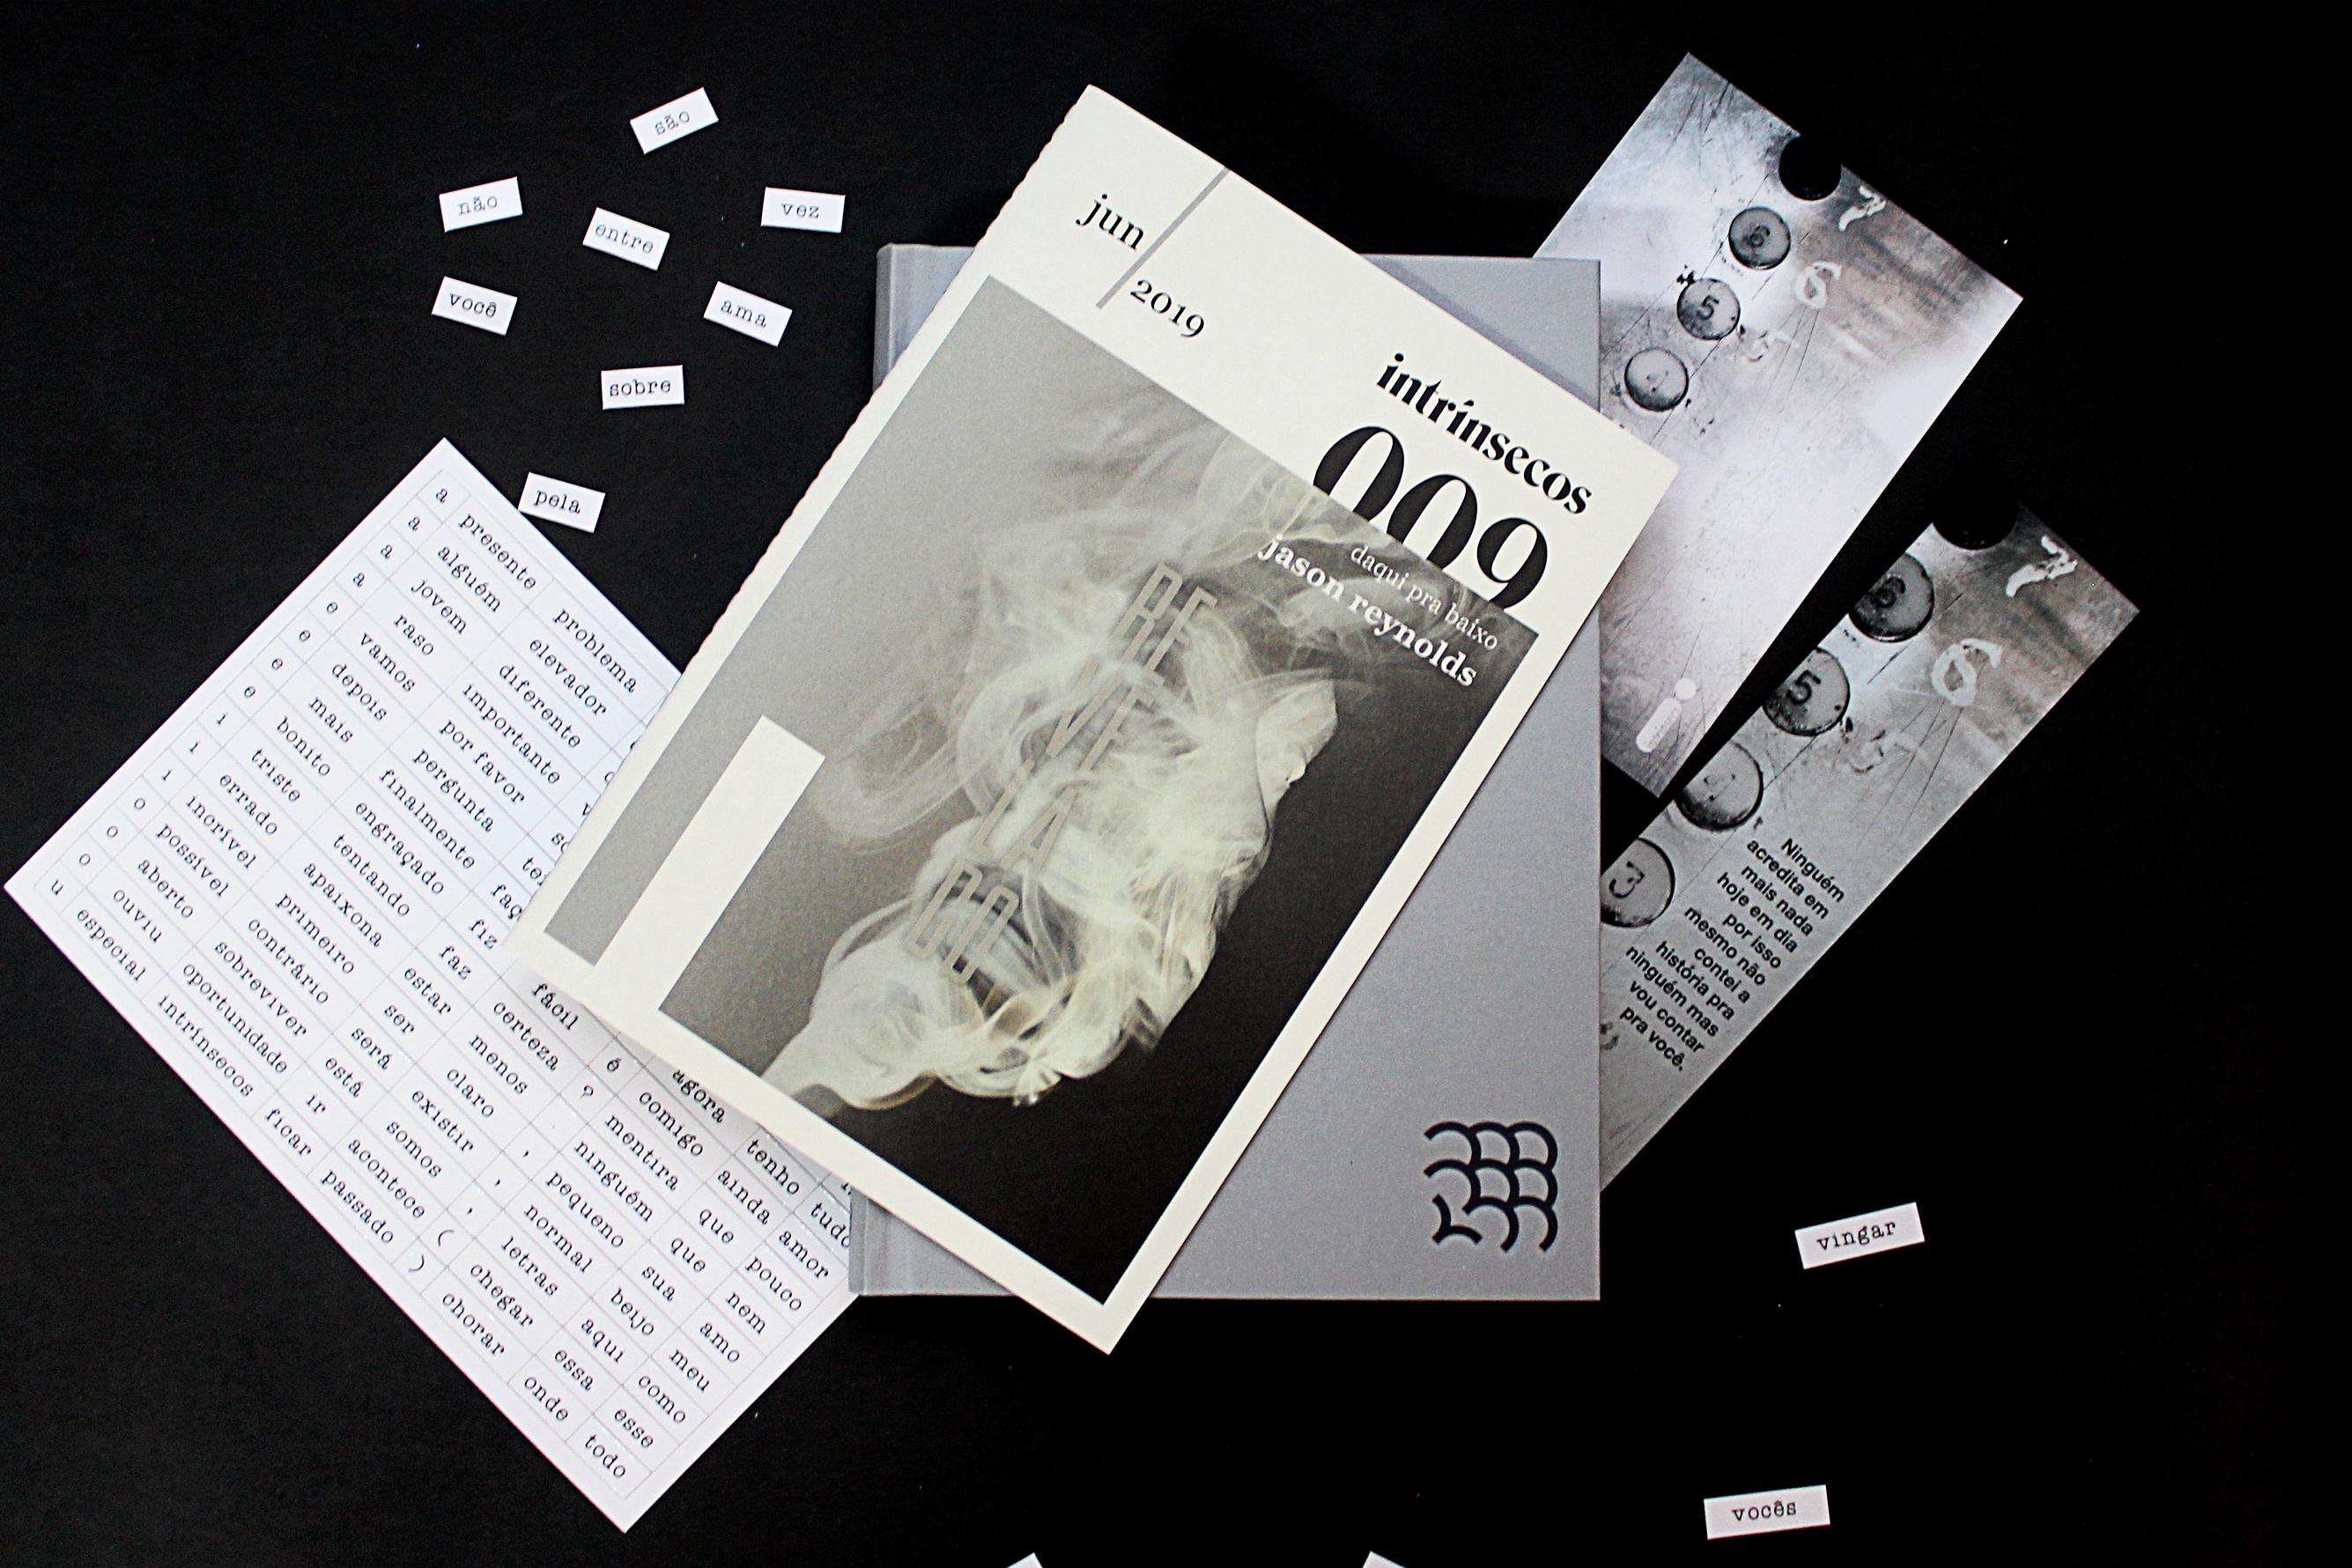 Bastidores 009: Poesia e consciência social no livro de junho do intrínsecos